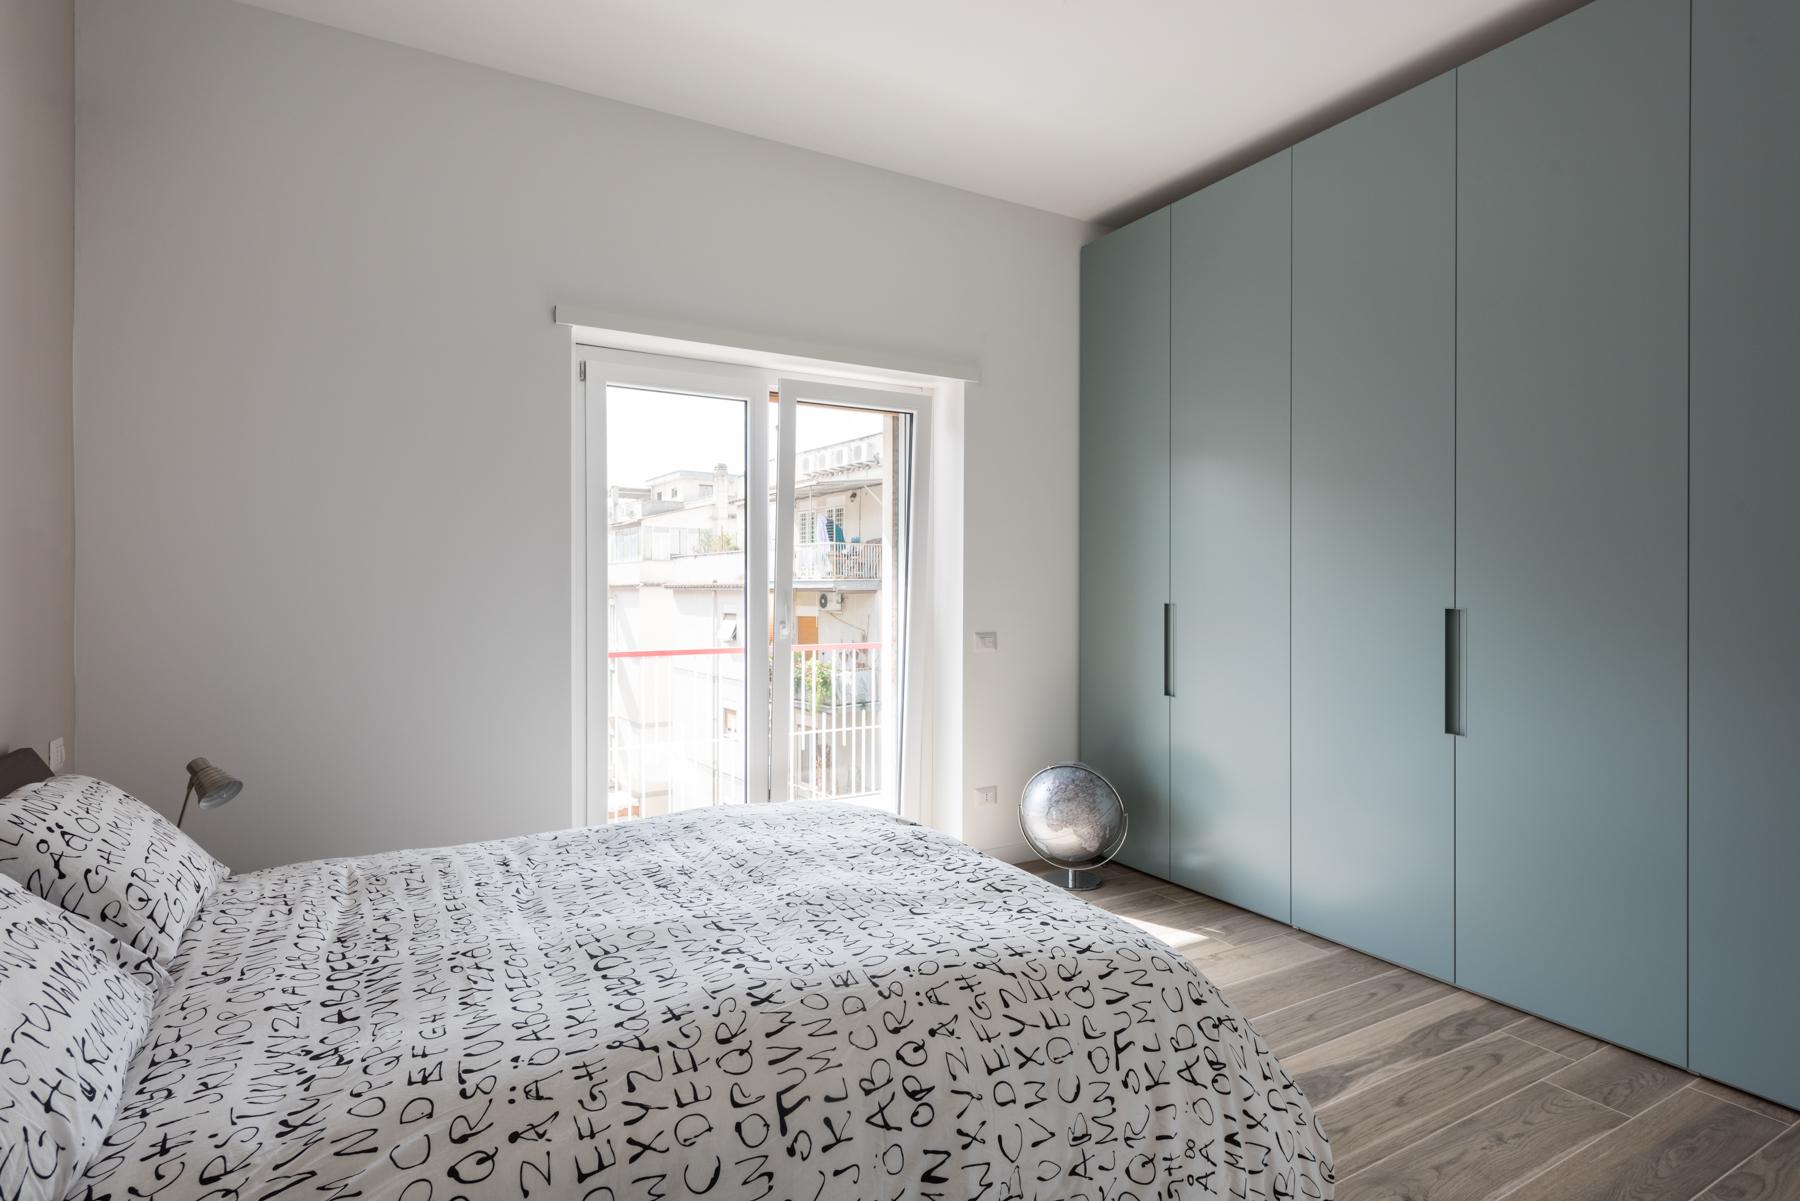 Ristrutturazione appartamento zona bufalotta roma - Preliminari a letto ...